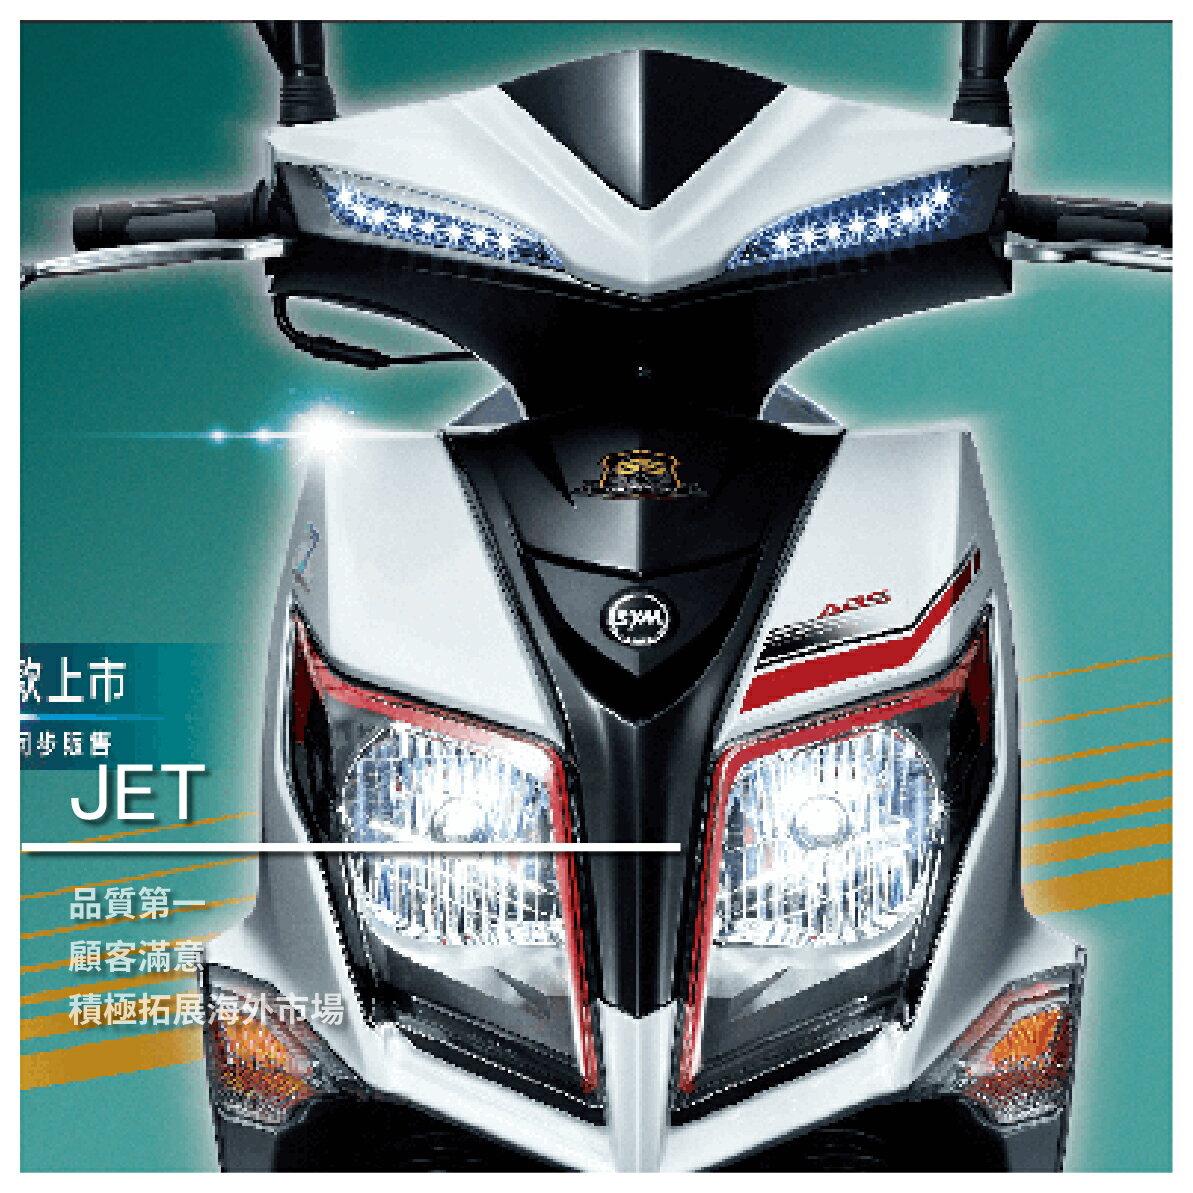 【SYM三陽機車-鋐安車業】JET/90000起